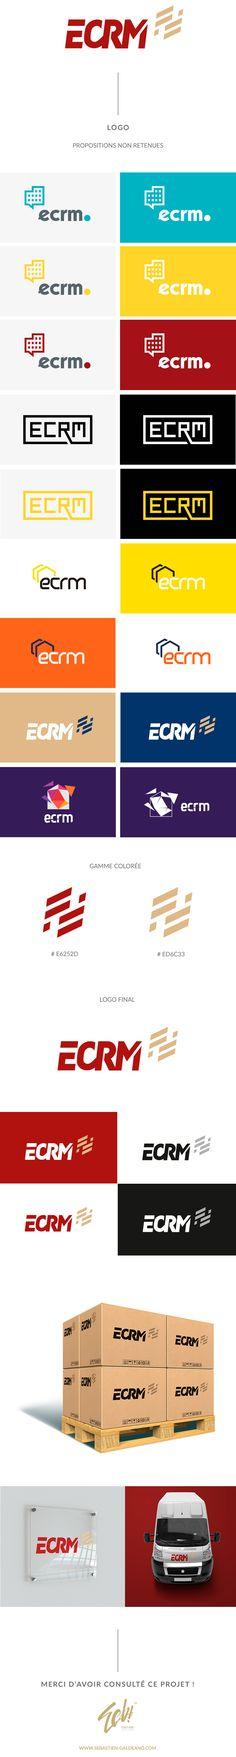 Voici la refonte de logo et identité visuelle que j'ai réalisé pour ECRM, une entreprise de maçonnerie sur Bordeaux. Si vous avez ce type de besoin ou connaissez quelqu'un que ça peut intéréssez n'hésitez pas à lui transmettre mes coordonnées :)  http://www.sebastien-galdeano.com/portfolio/3-Print/18-Logo/475-ECRM.html